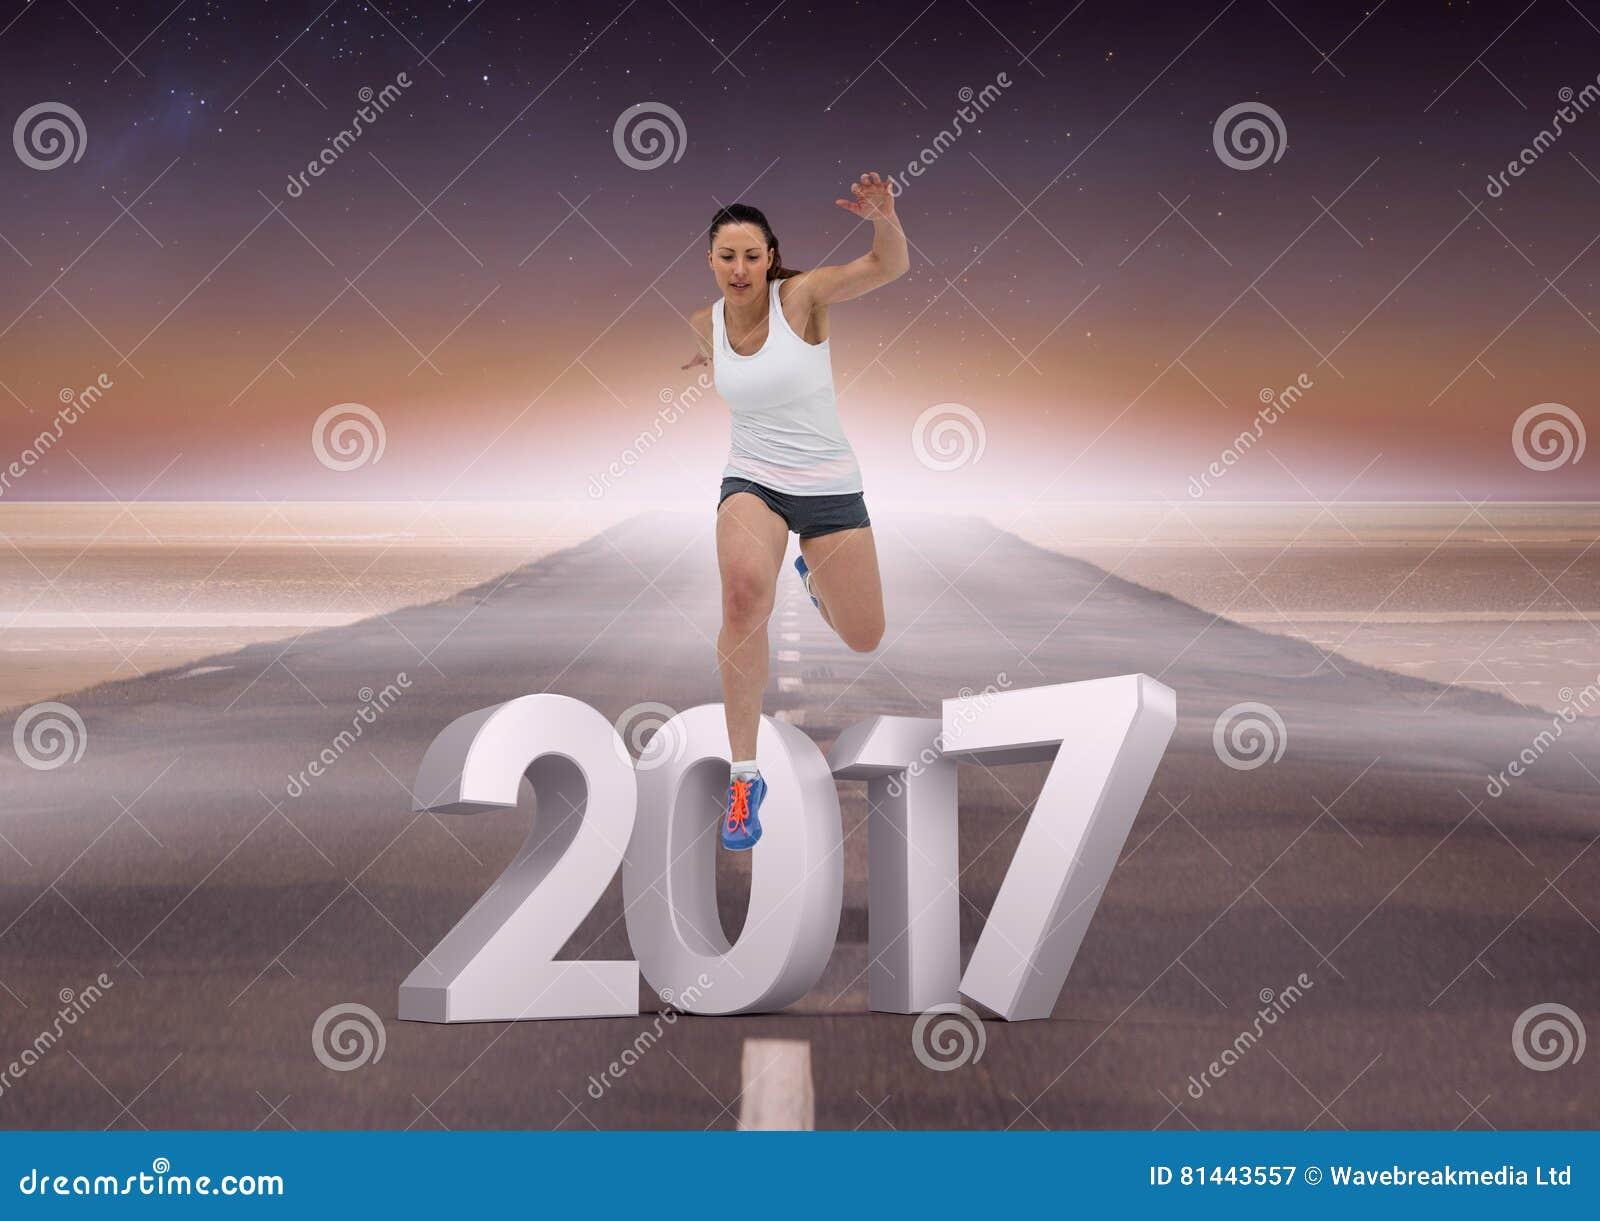 Złożony wizerunek 3D 2017 z sport dziewczyny bieg na drodze